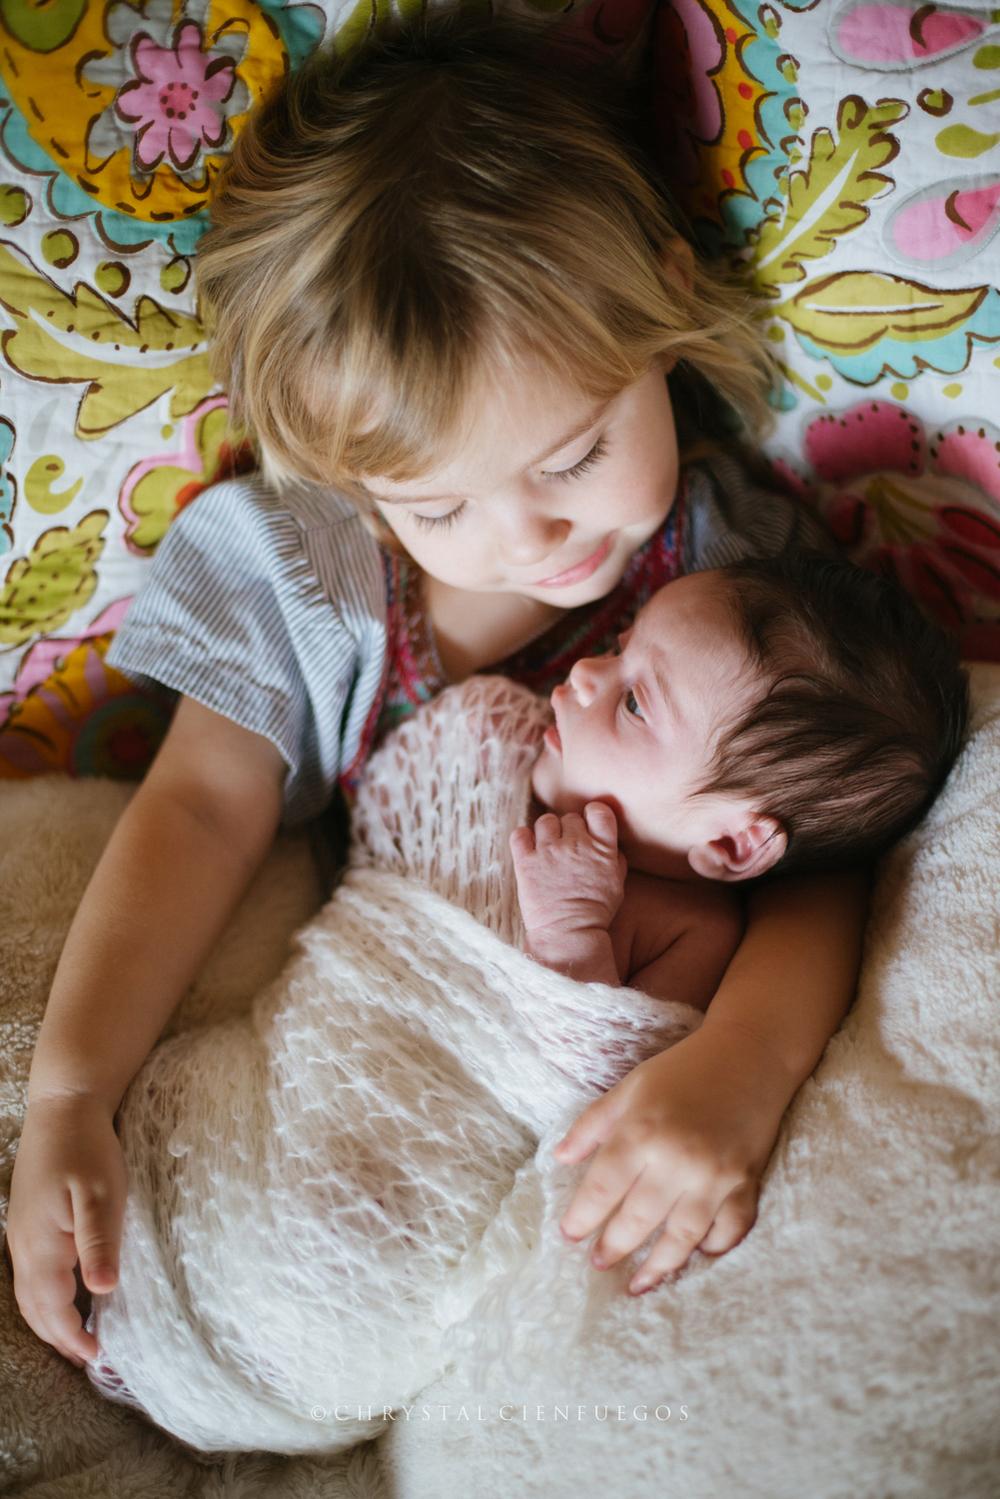 san_diego_newborn_chrystal_cienfuegos-35.jpg